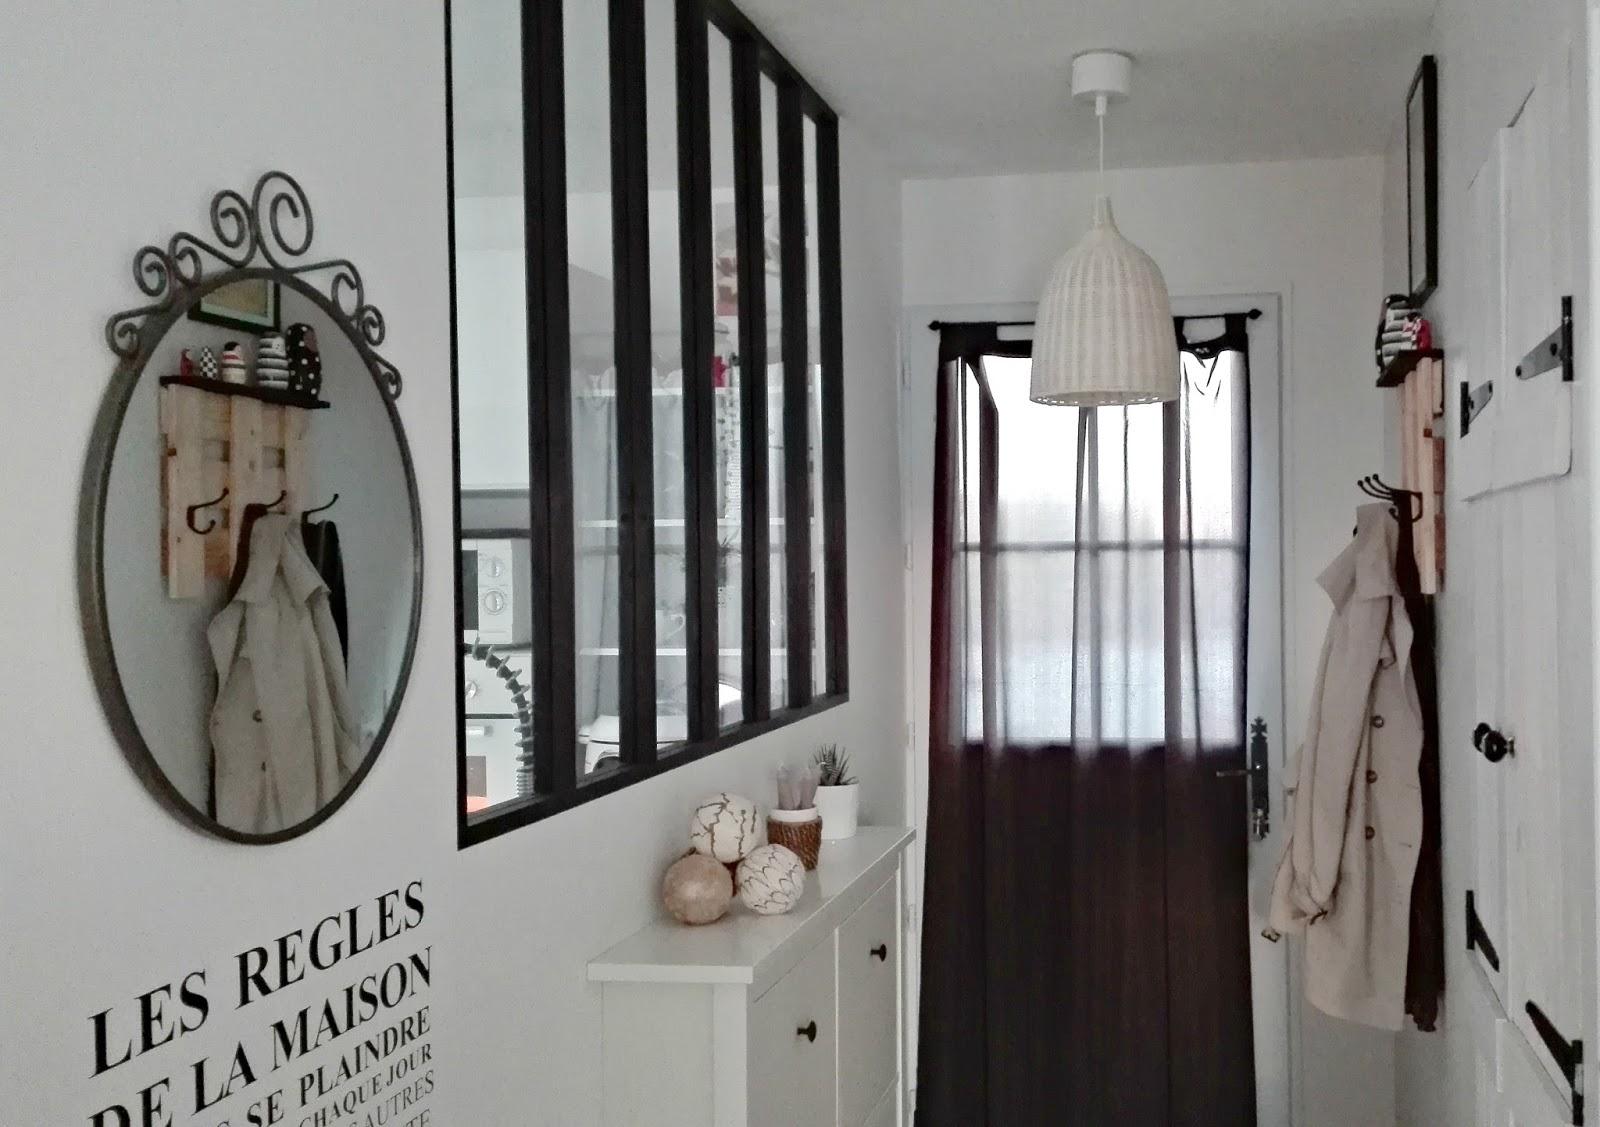 archea l entreprise qui m a aid e am nager mon entr e. Black Bedroom Furniture Sets. Home Design Ideas